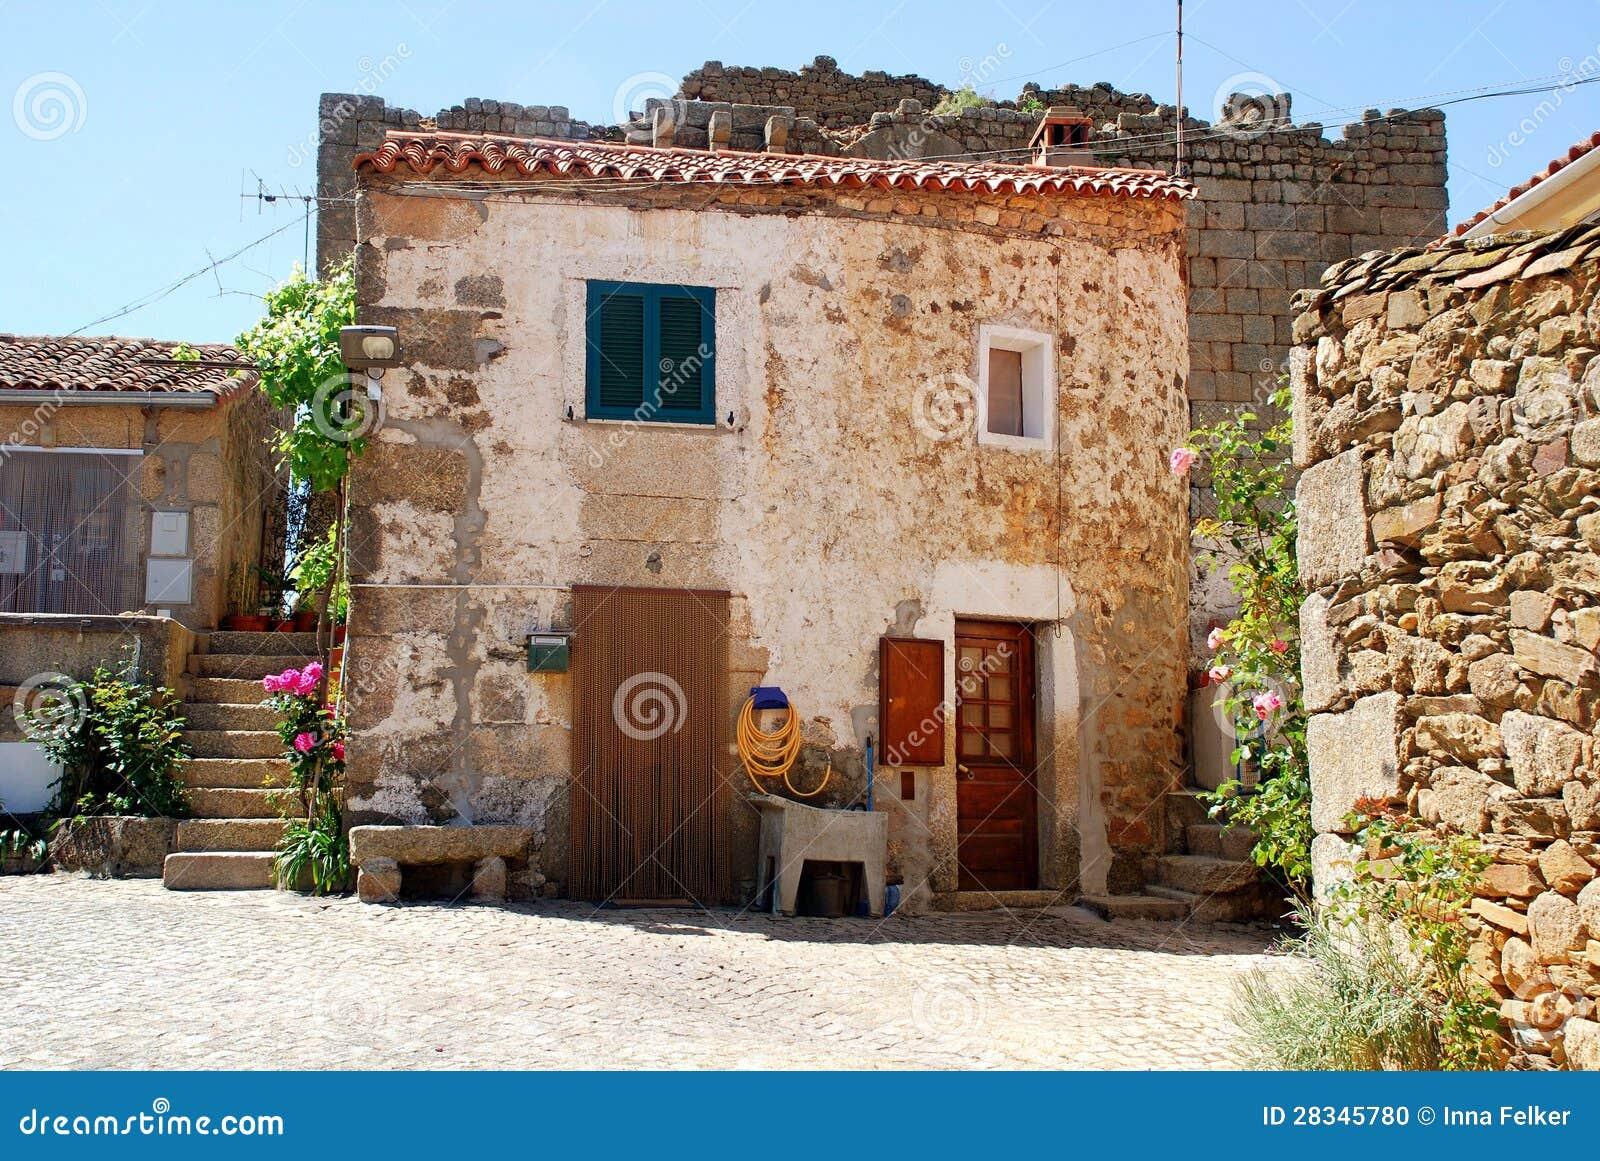 Vecchia Casa Rurale Di Pietra (Portogallo) Fotografia Stock - Immagine: 28345780